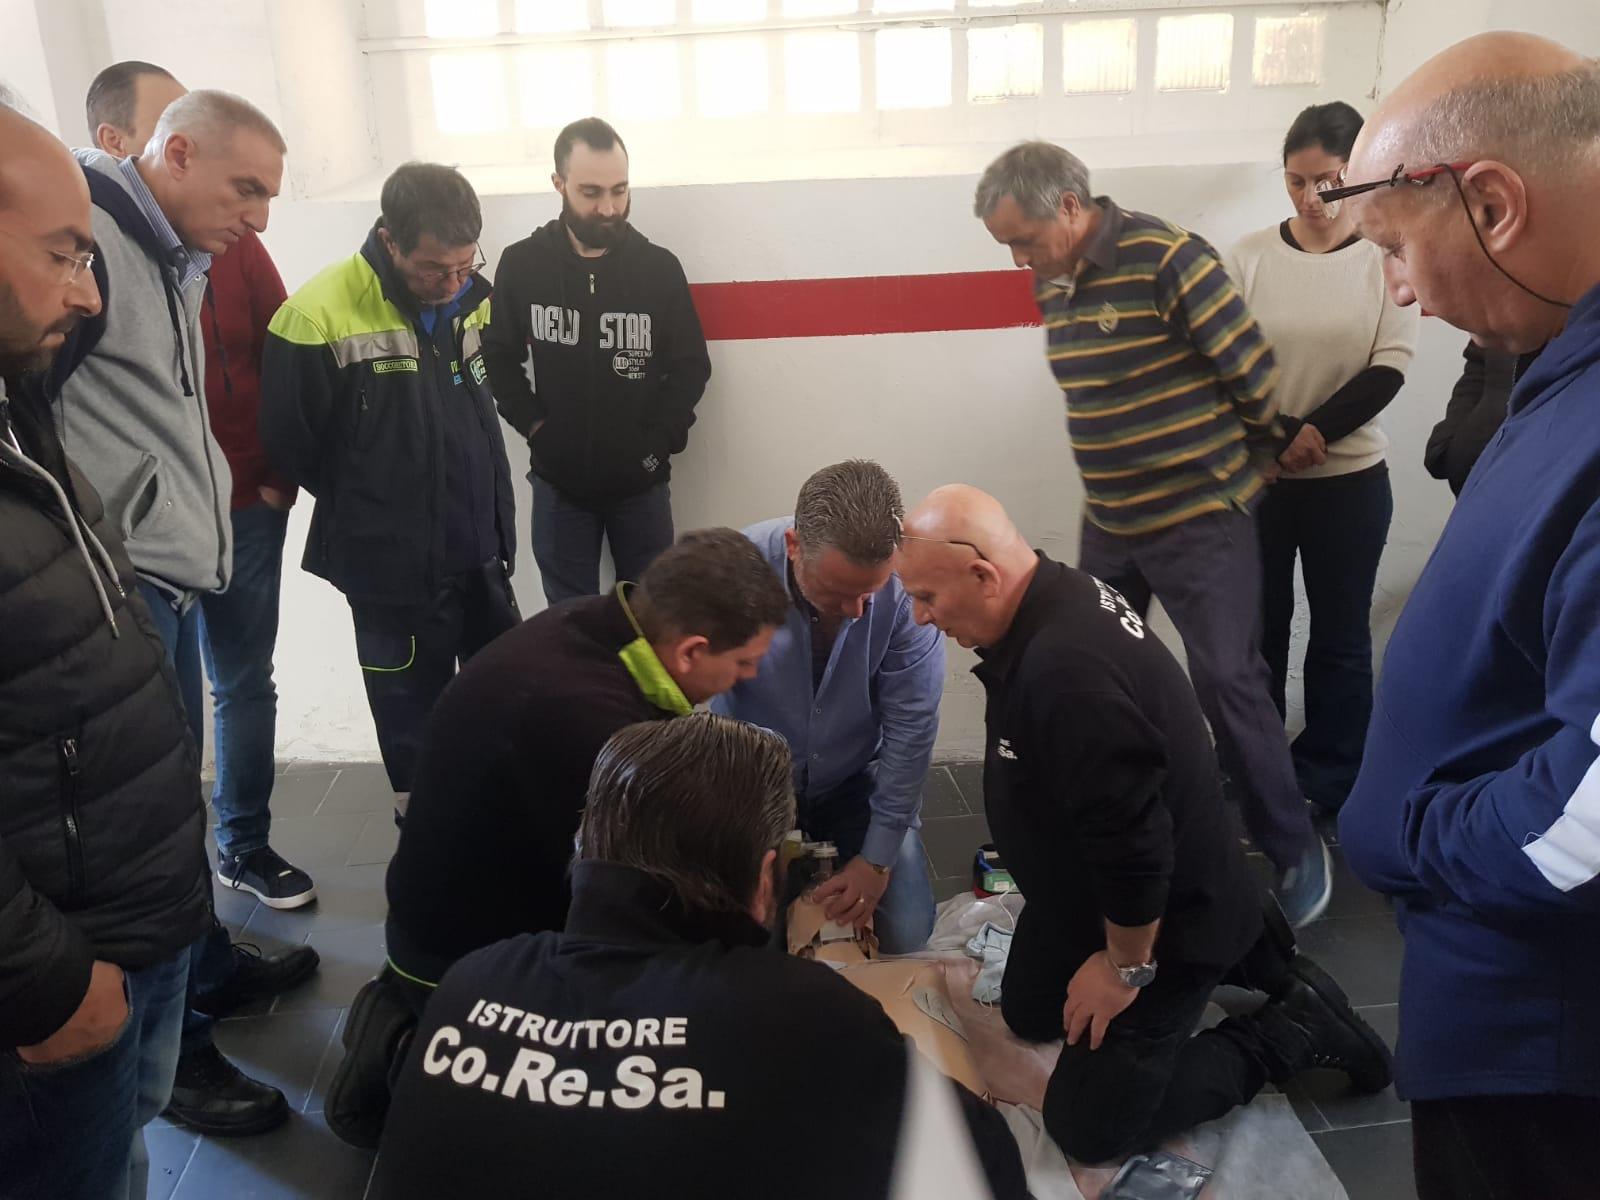 Corso e retraining per volontari soccorritori a catania for Corso arredatore d interni catania